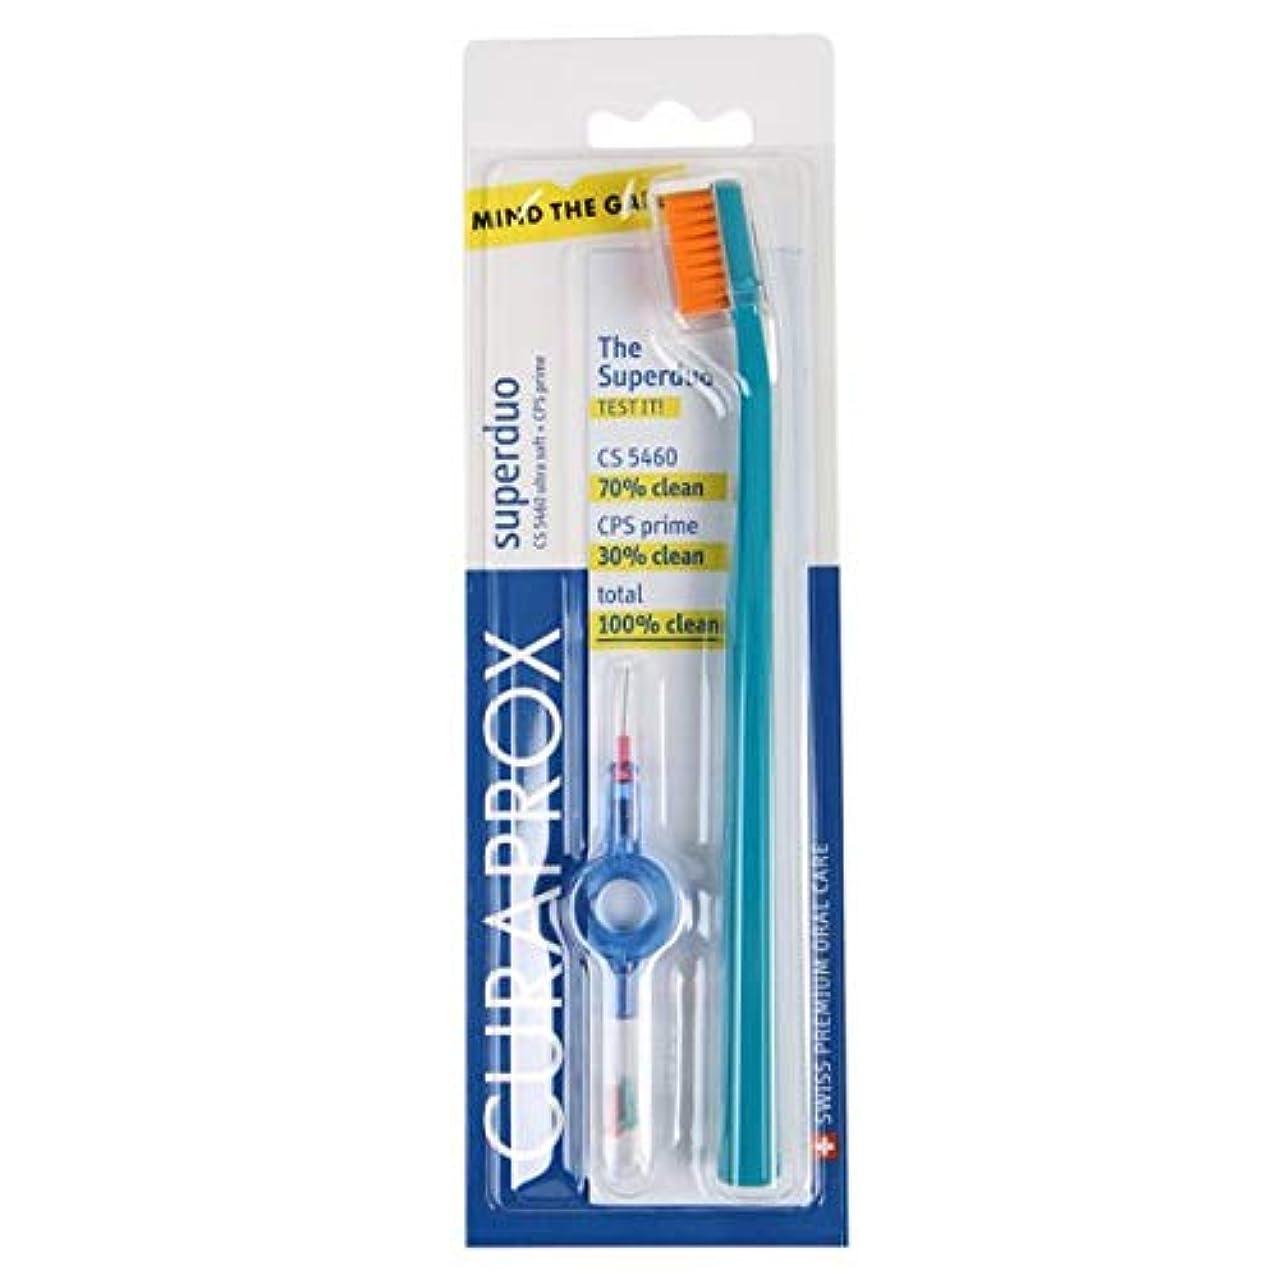 成功した次メロドラマクラプロックス 歯ブラシ+歯間ブラシ セット CS 5460 + CPS 06/07/08, UHS 409 holder + cap